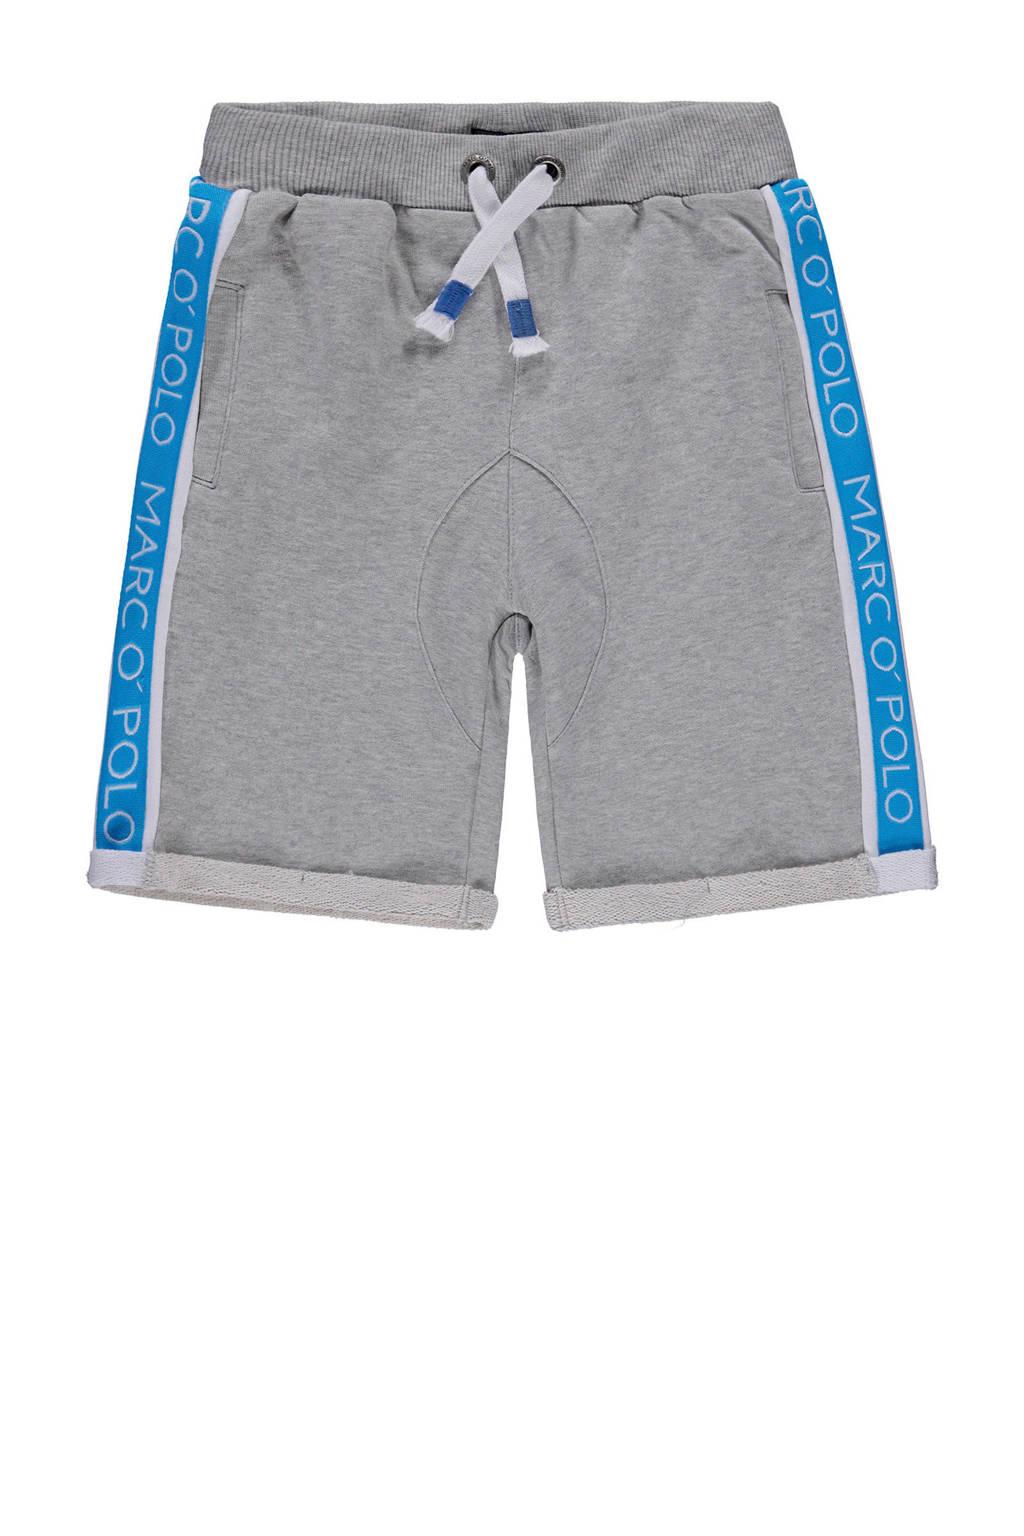 Marc O'Polo sweatshort met zijstreep grijs melange, Grijs melange/blauw